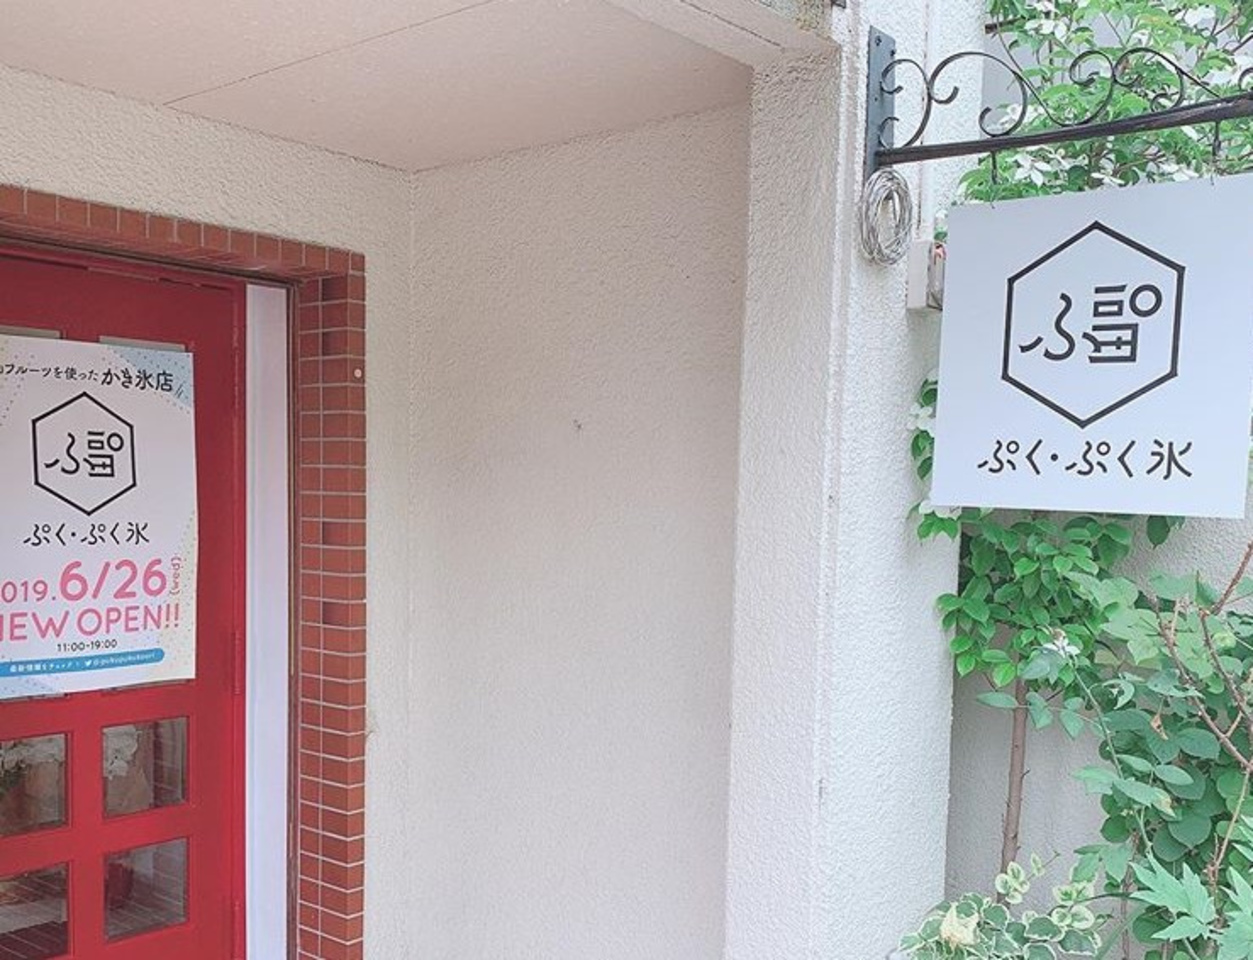 岡山フルーツのかき氷専門店...岡山市北区伊福町1丁目に『ぷくぷく氷』オープン